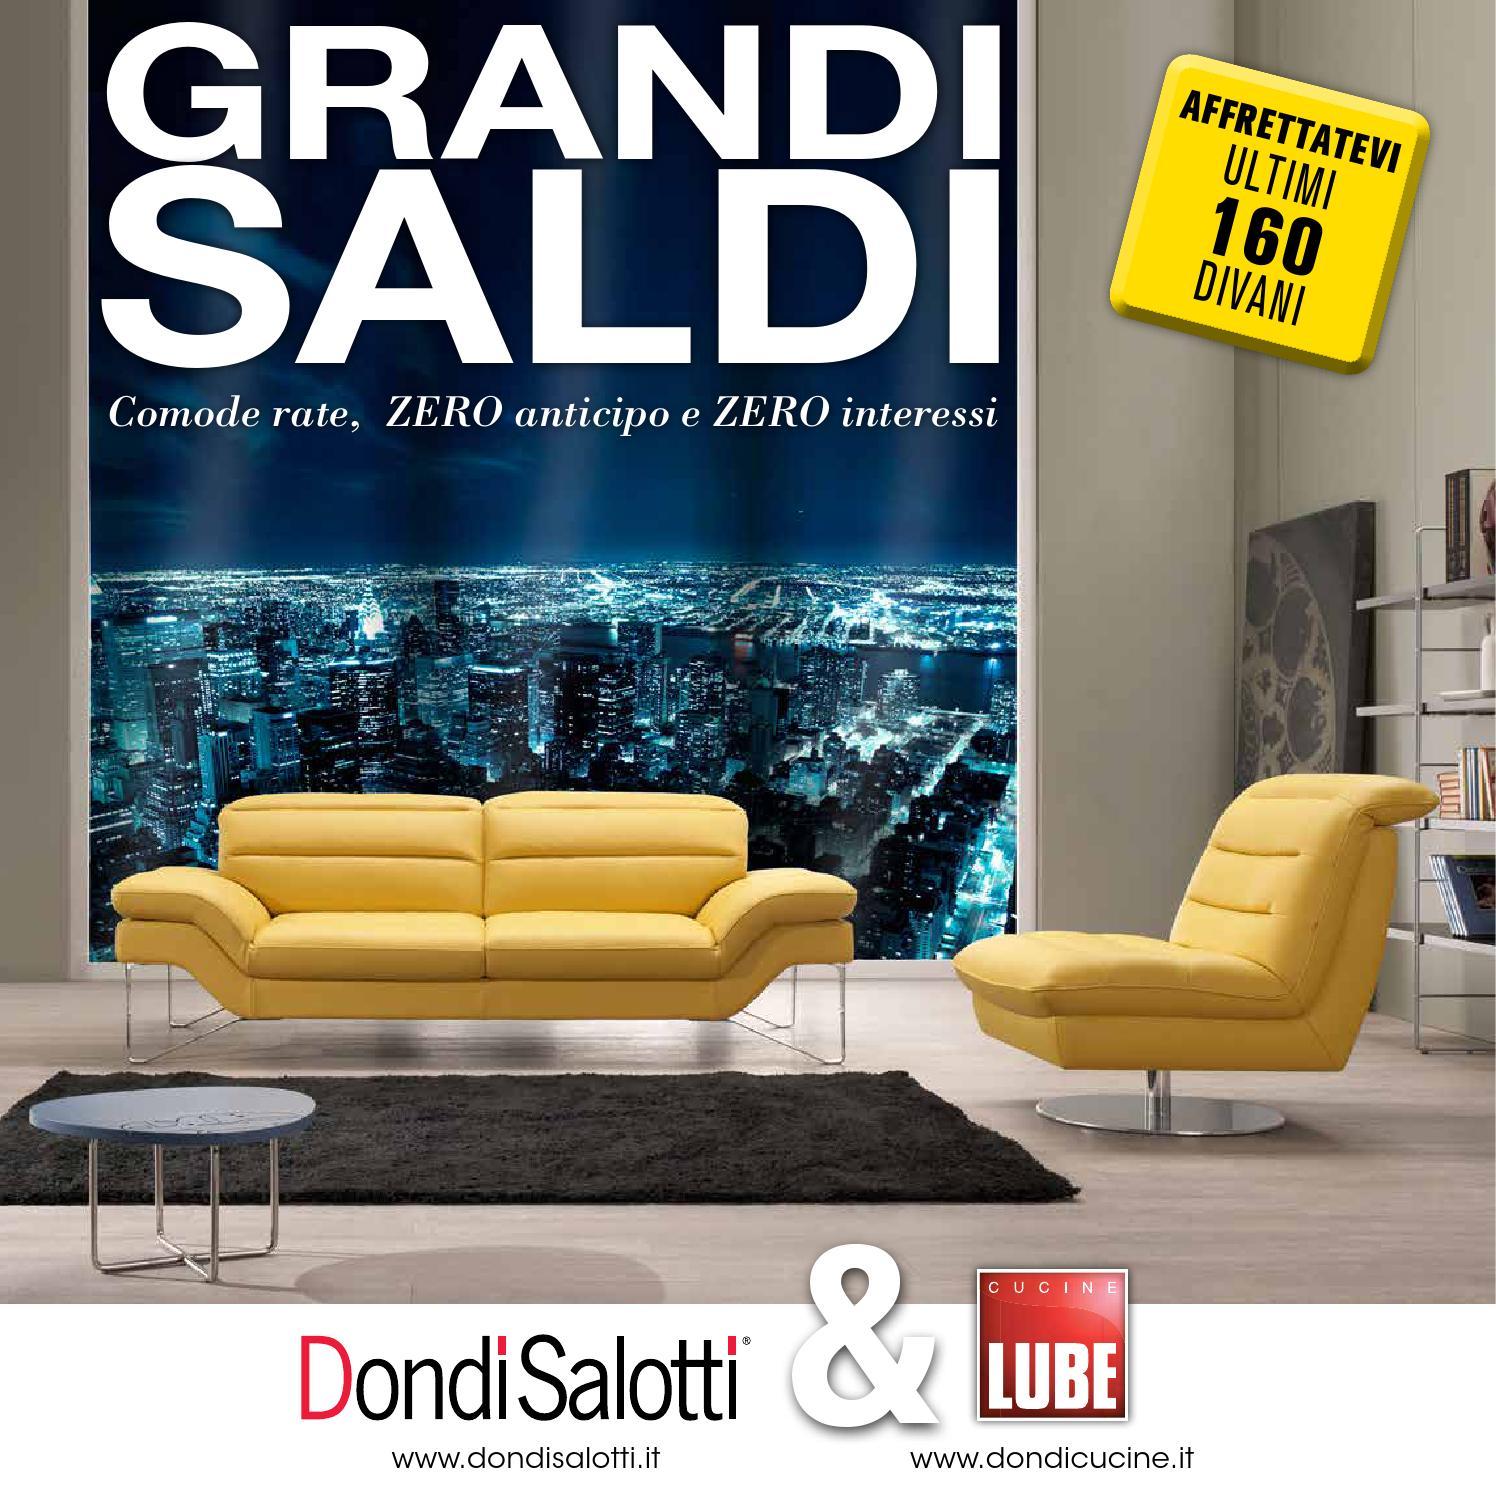 Offerte Divani Dondi Salotti.Volantino Grandi Saldi Dondi Salotti By Pierpaolo Dondi Issuu